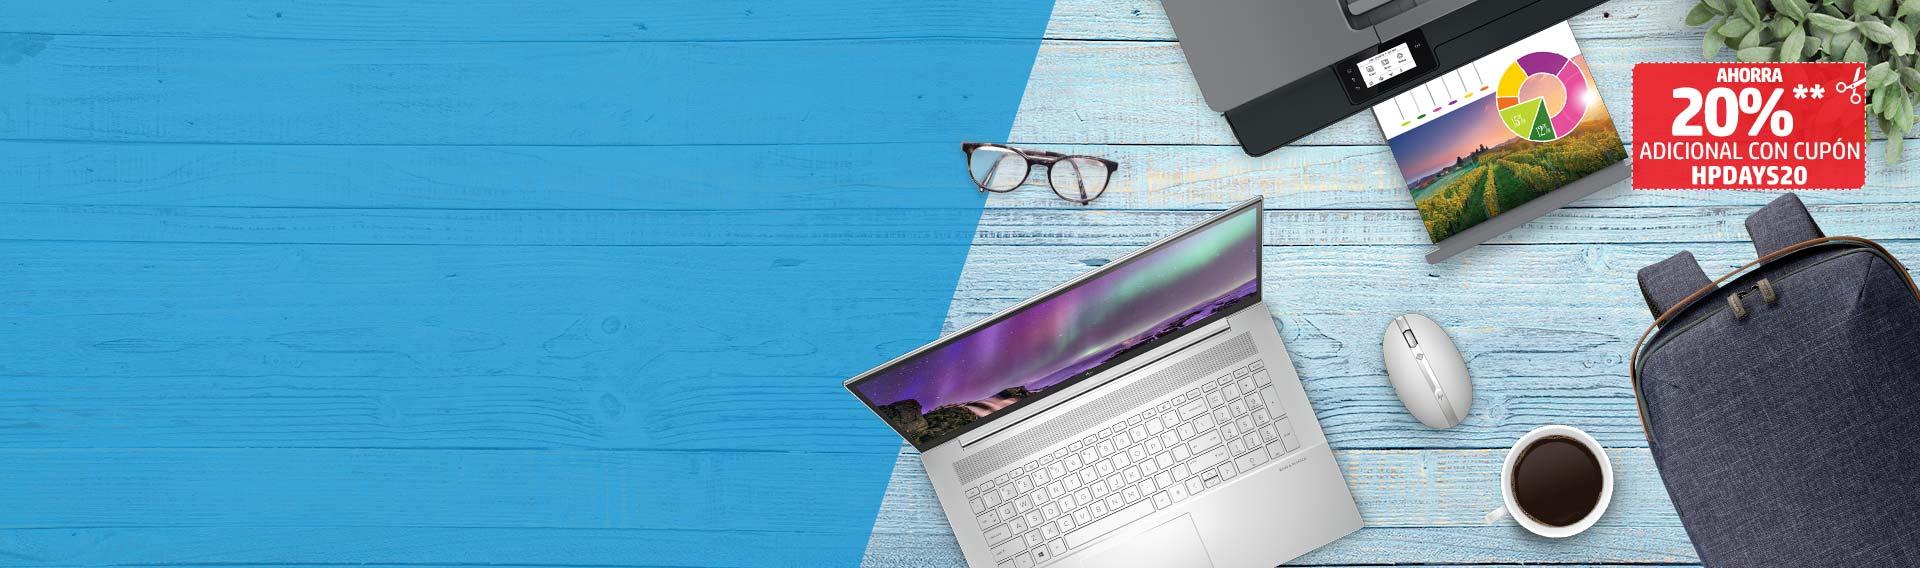 Con Días HP ahorra hasta 30% + cupón. Diseño y rendimiento de nivel superior.